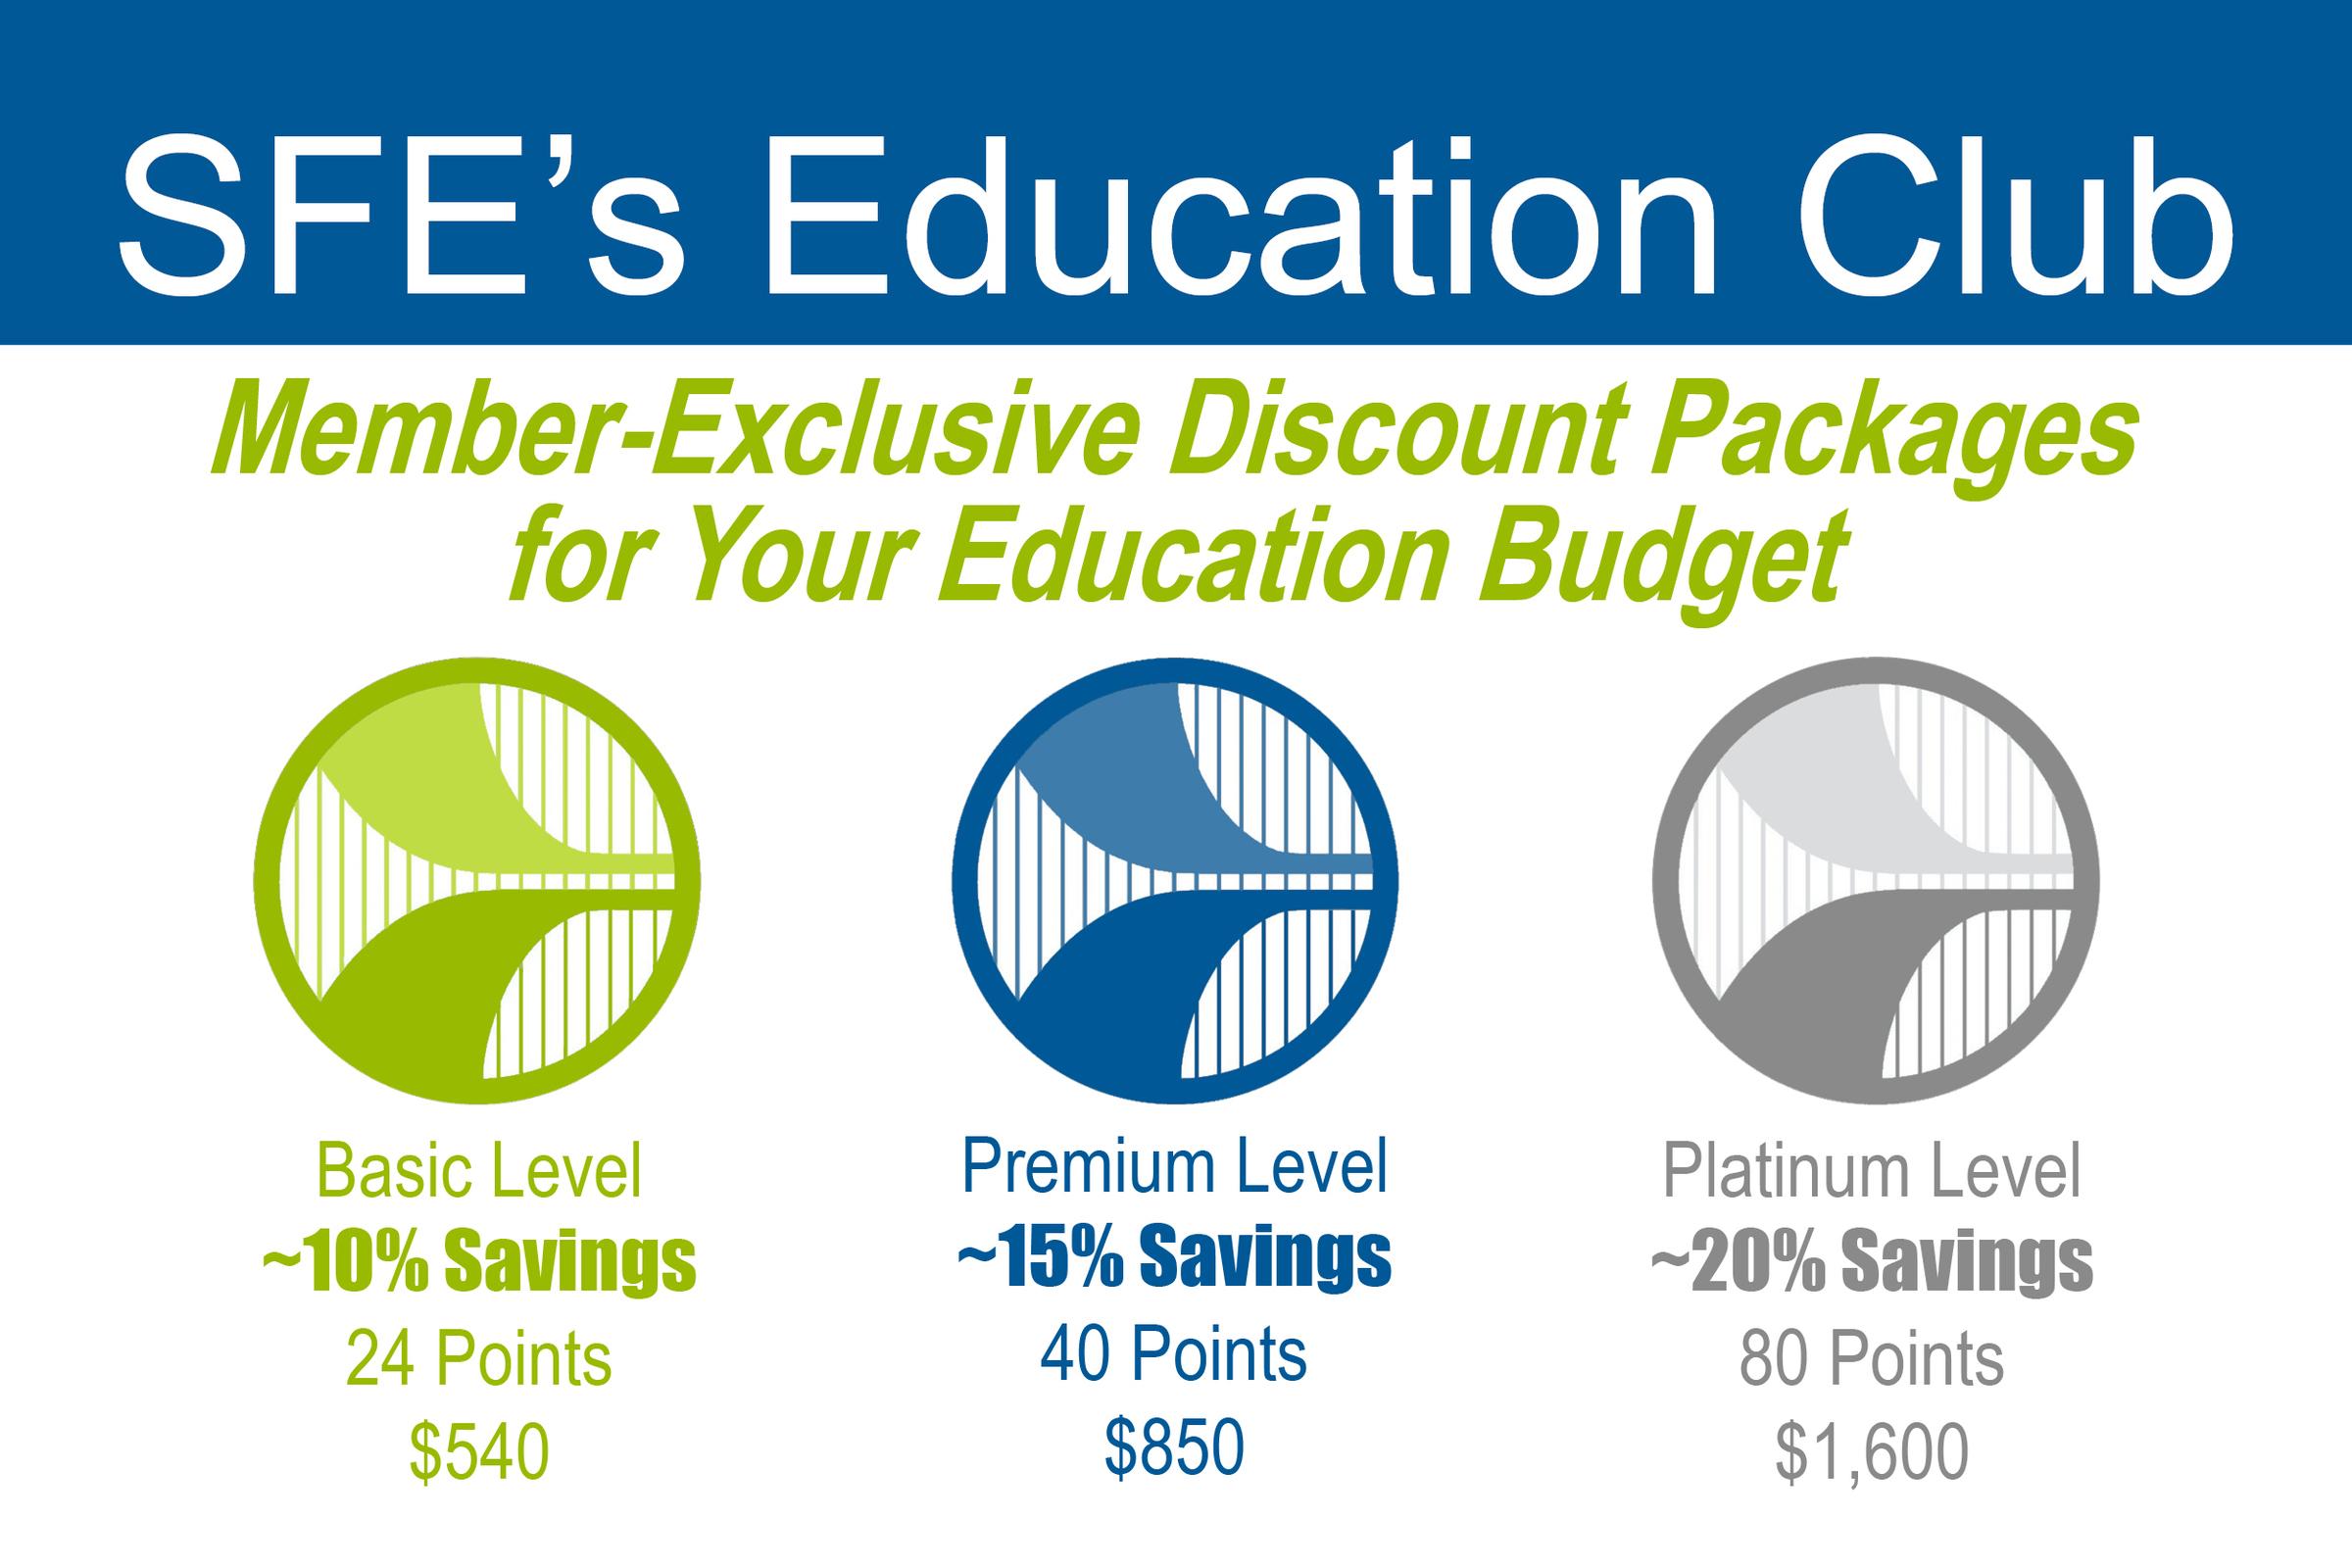 SFE Education Club Budget